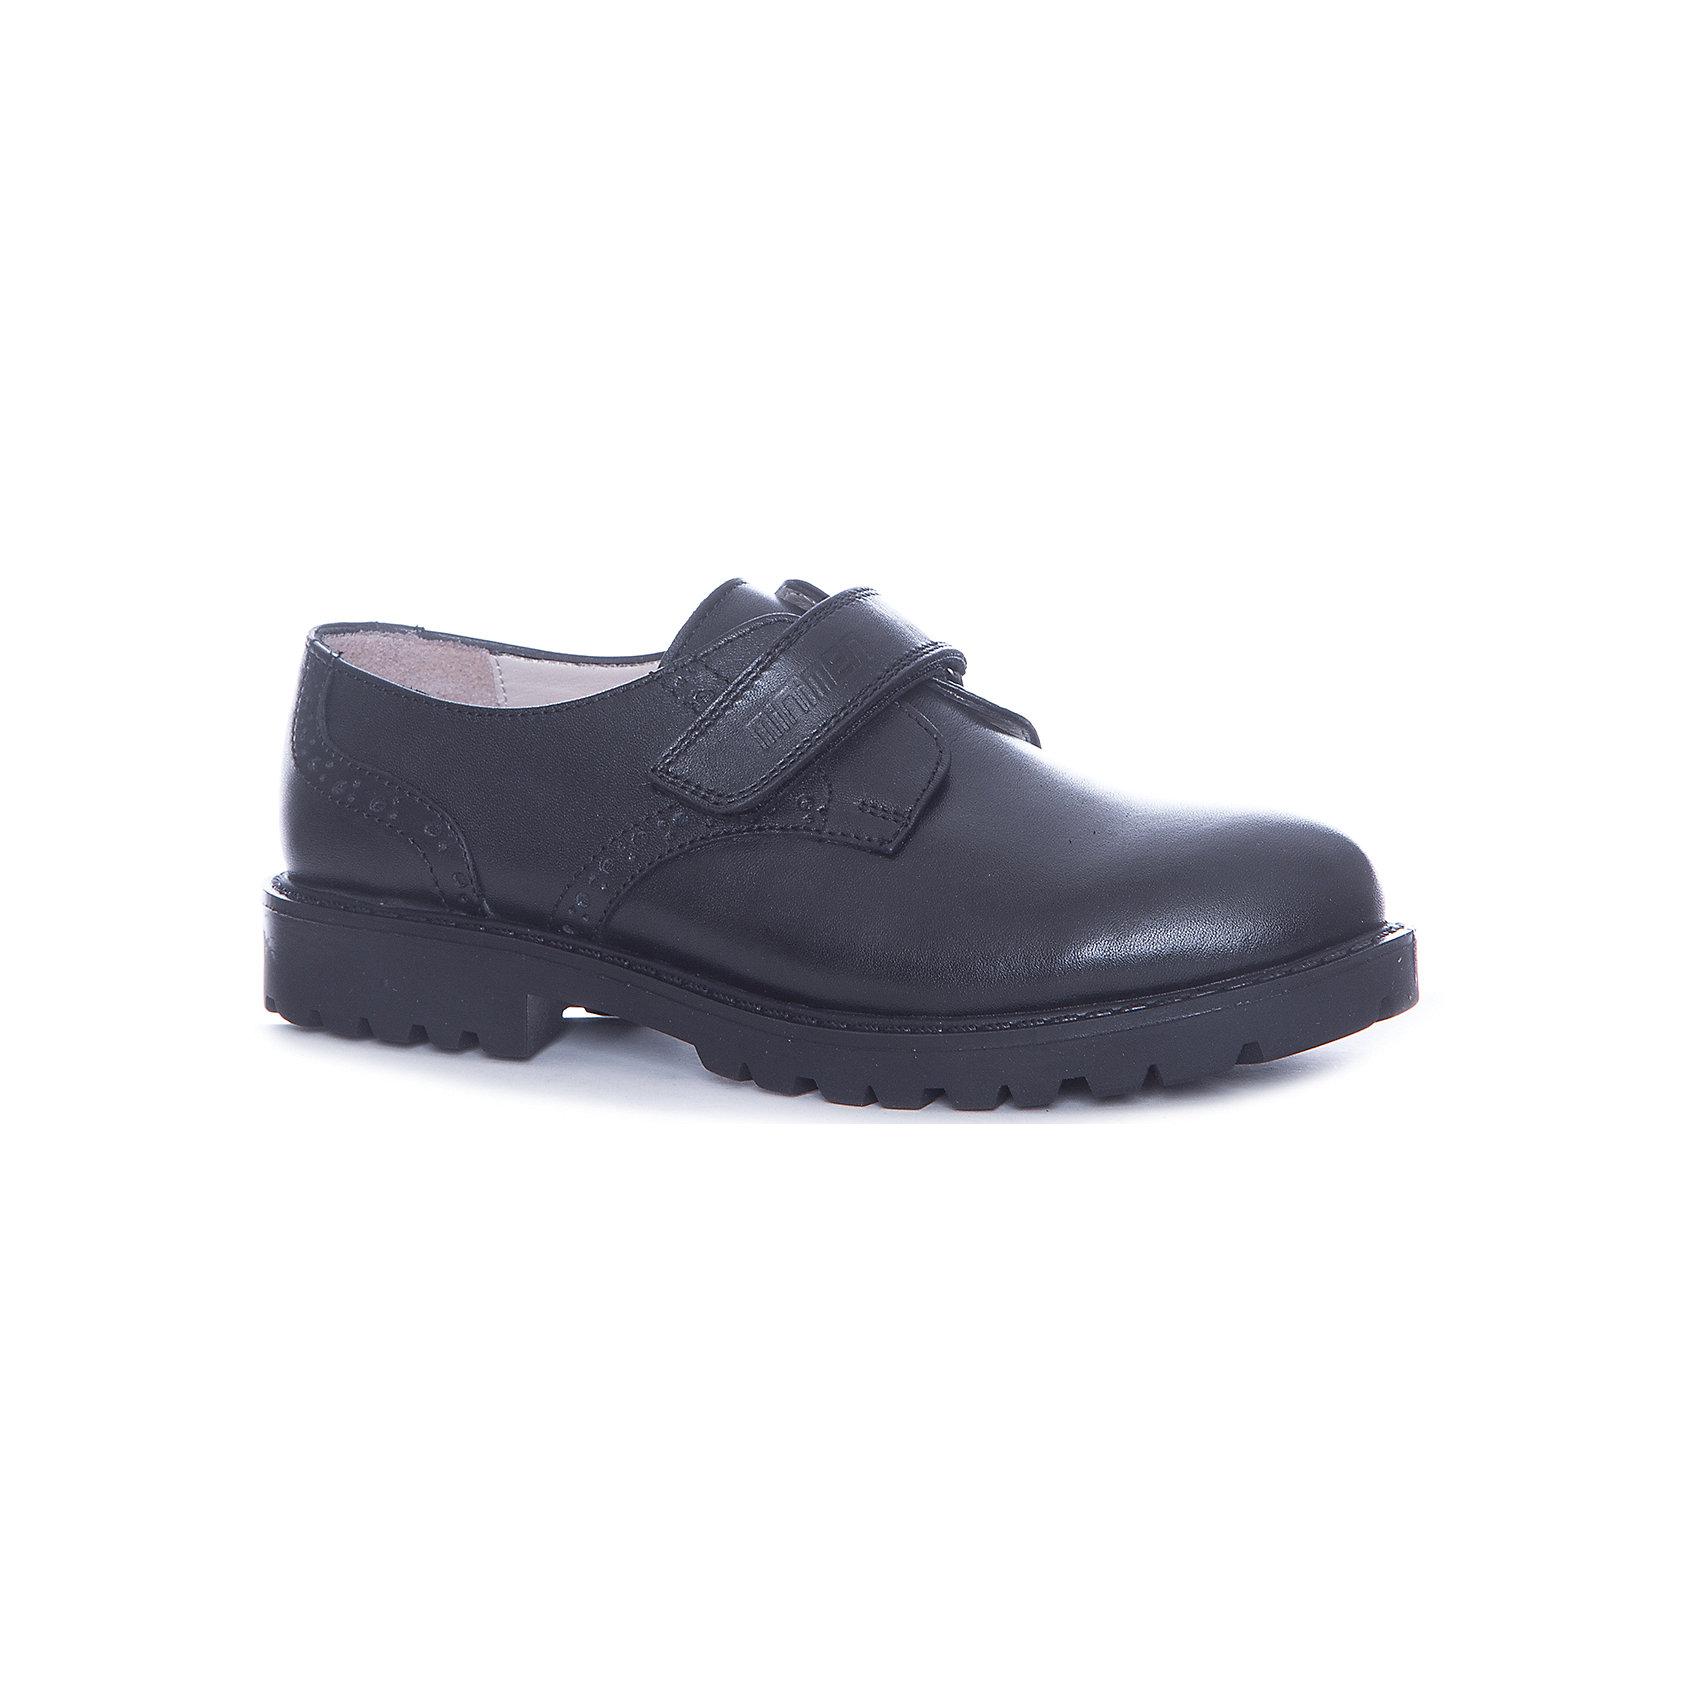 Полуботинки для мальчика MinimenШкольная обувь<br>Характеристики товара:<br><br>• цвет: черный<br>• внешний материал: натуральная кожа<br>• внутренний материал: натуральная кожа<br>• стелька: натуральная кожа<br>• подошва: полимер<br>• сезон: круглый год<br>• температурный режим: +10 до +20<br>• анатомические<br>• застежка: липучка<br>• школьные<br>• страна производства: Турция<br>• страна бренда: Турция<br><br>Ботинки на липучке отлично подойдут для школьников. Ботинки стильно смотрятся со школьной формой. Их можно обувать в качестве сменной обуви.<br><br>Полуботинки  Минимен выполнены из натуральной кожи, которая помогает ногам находиться в комфортных условиях.<br><br>Для производства обуви используются качественные материалы, которые и создают комфортные условия для ног. В новой коллекции Minimen модели выпущены в лучших традициях - стильные и качественные!<br><br>Ботинки от известного бренда Minimen (Минимен) можно купить в нашем интернет-магазине.<br><br>Ширина мм: 262<br>Глубина мм: 176<br>Высота мм: 97<br>Вес г: 427<br>Цвет: черный<br>Возраст от месяцев: 84<br>Возраст до месяцев: 96<br>Пол: Мужской<br>Возраст: Детский<br>Размер: 31,40,32,33,34,35,36,37,38,39<br>SKU: 6854232